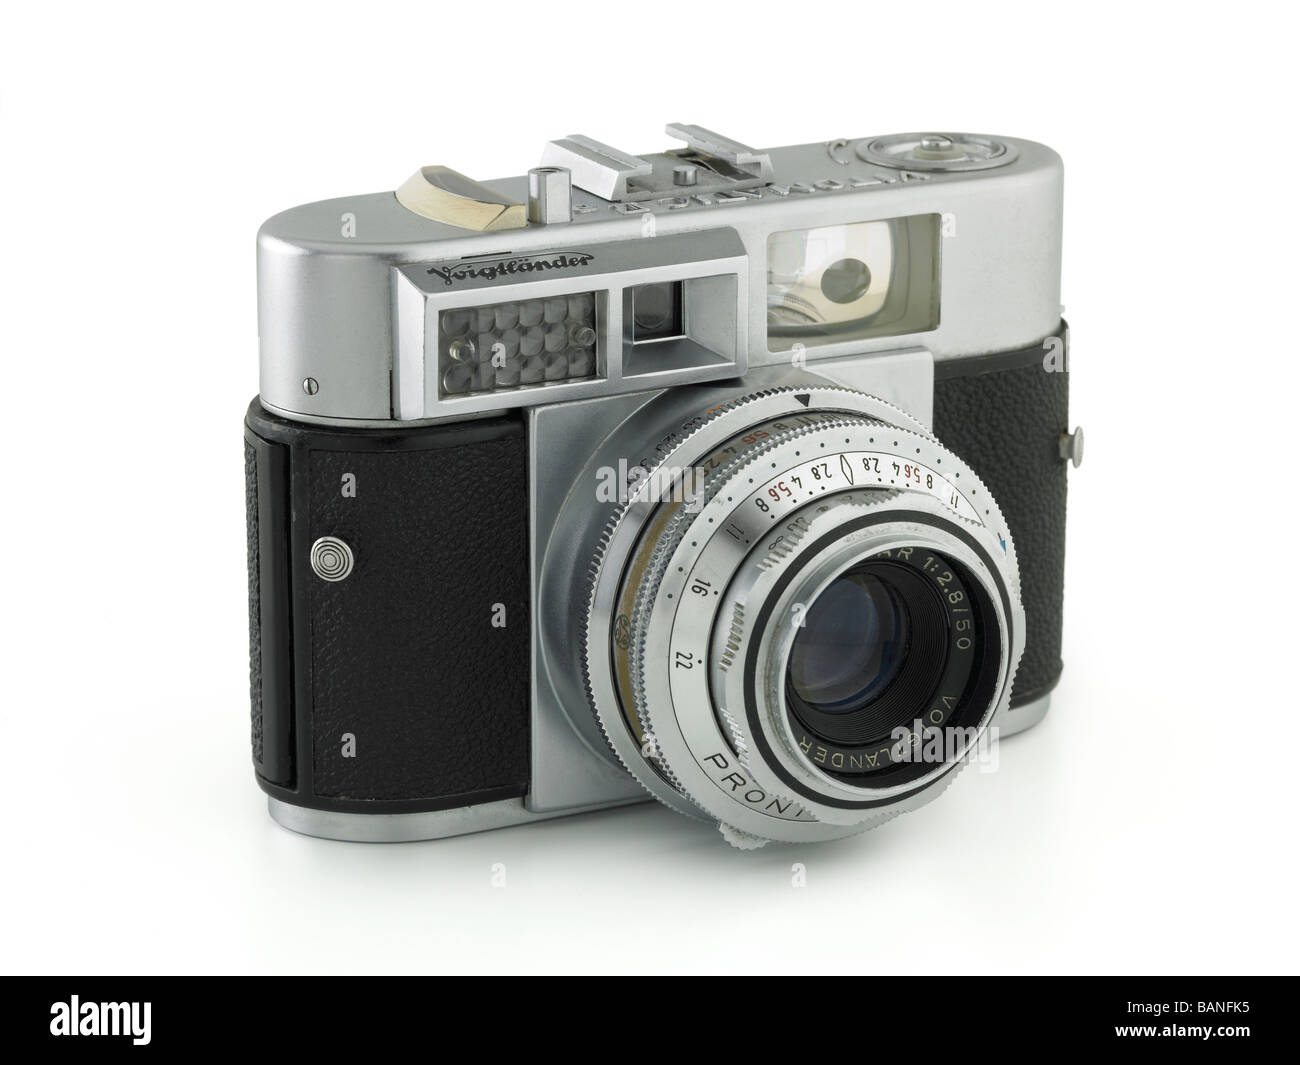 Voigtlander camera circa 1956 - Stock Image